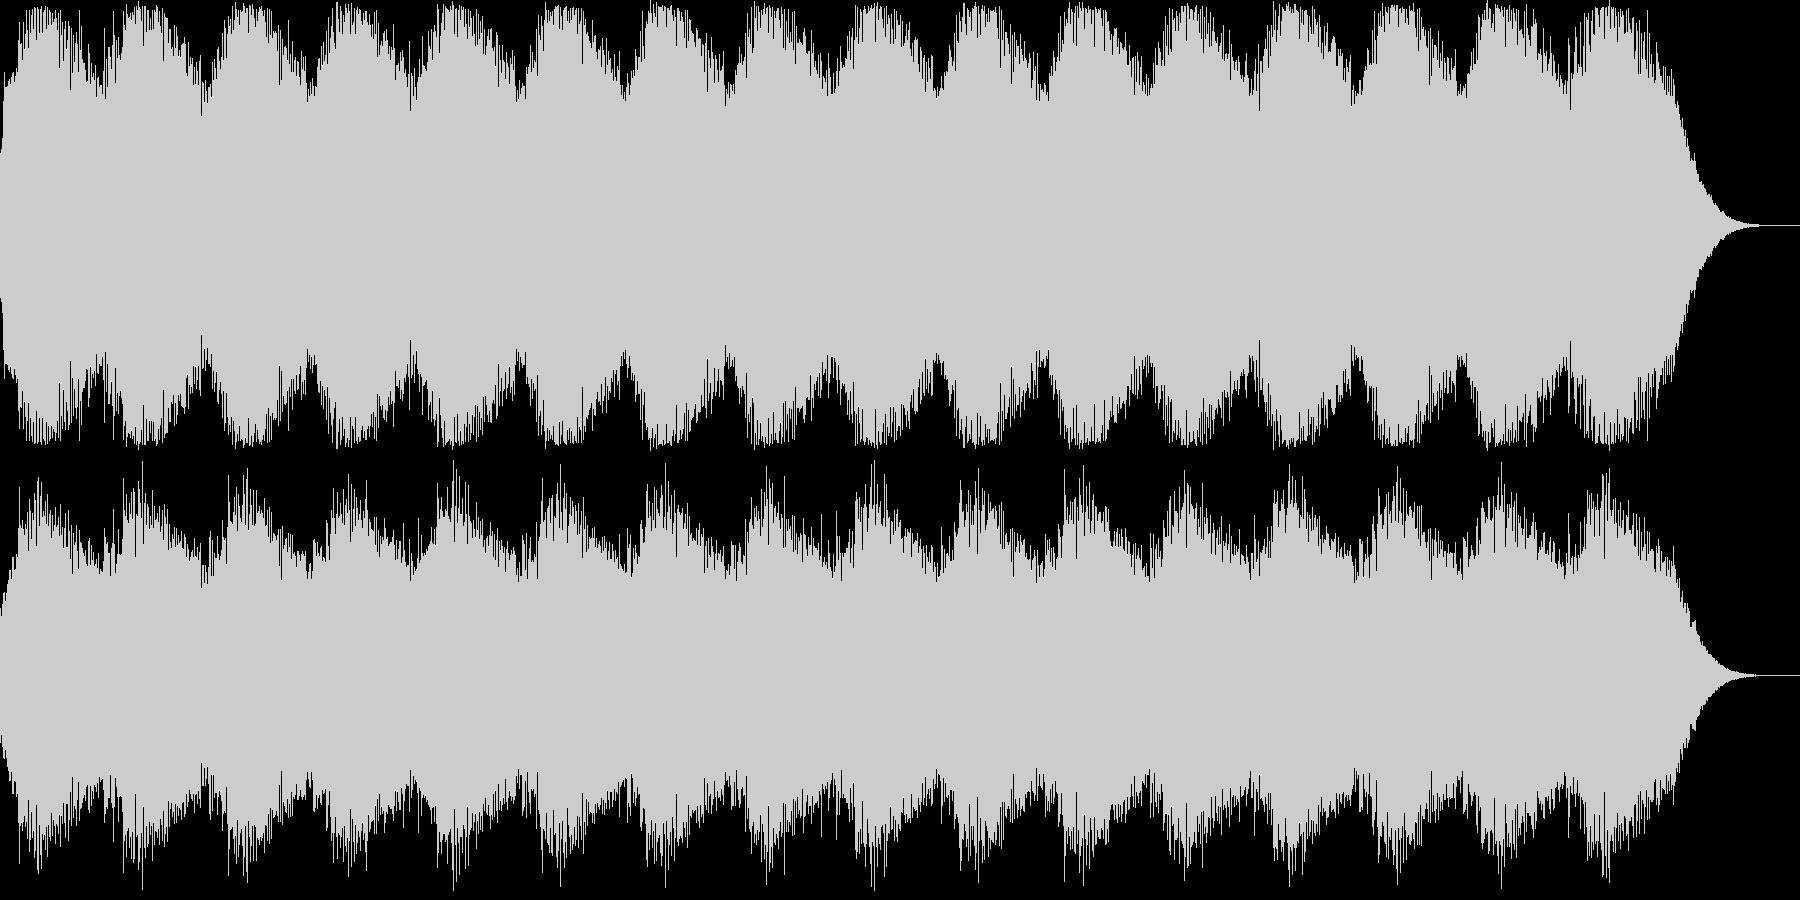 SFアニメに出て来そうな警報音のイメー…の未再生の波形